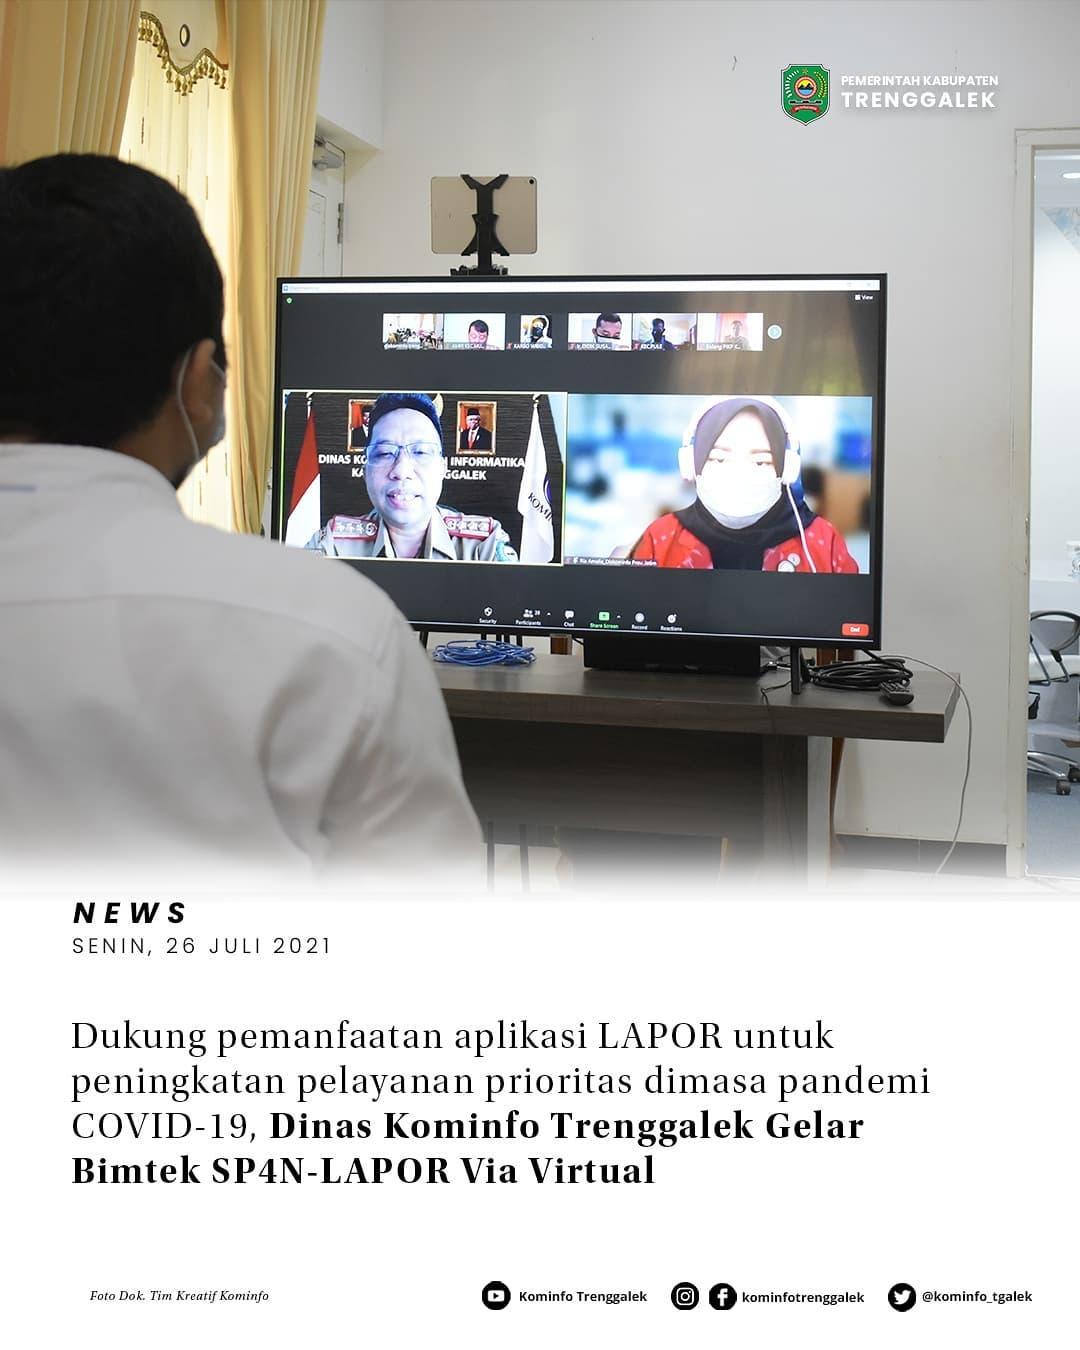 Dukungan Pemamfaatan Aplikasi Lapor Untuk Meningkatkan Pelayanan Prioritas Dimasa Pandemi Covid-19, Dinas Kominfo Trenggalek Gelar Bimtek SP4N-LAPOR Vie Virtual